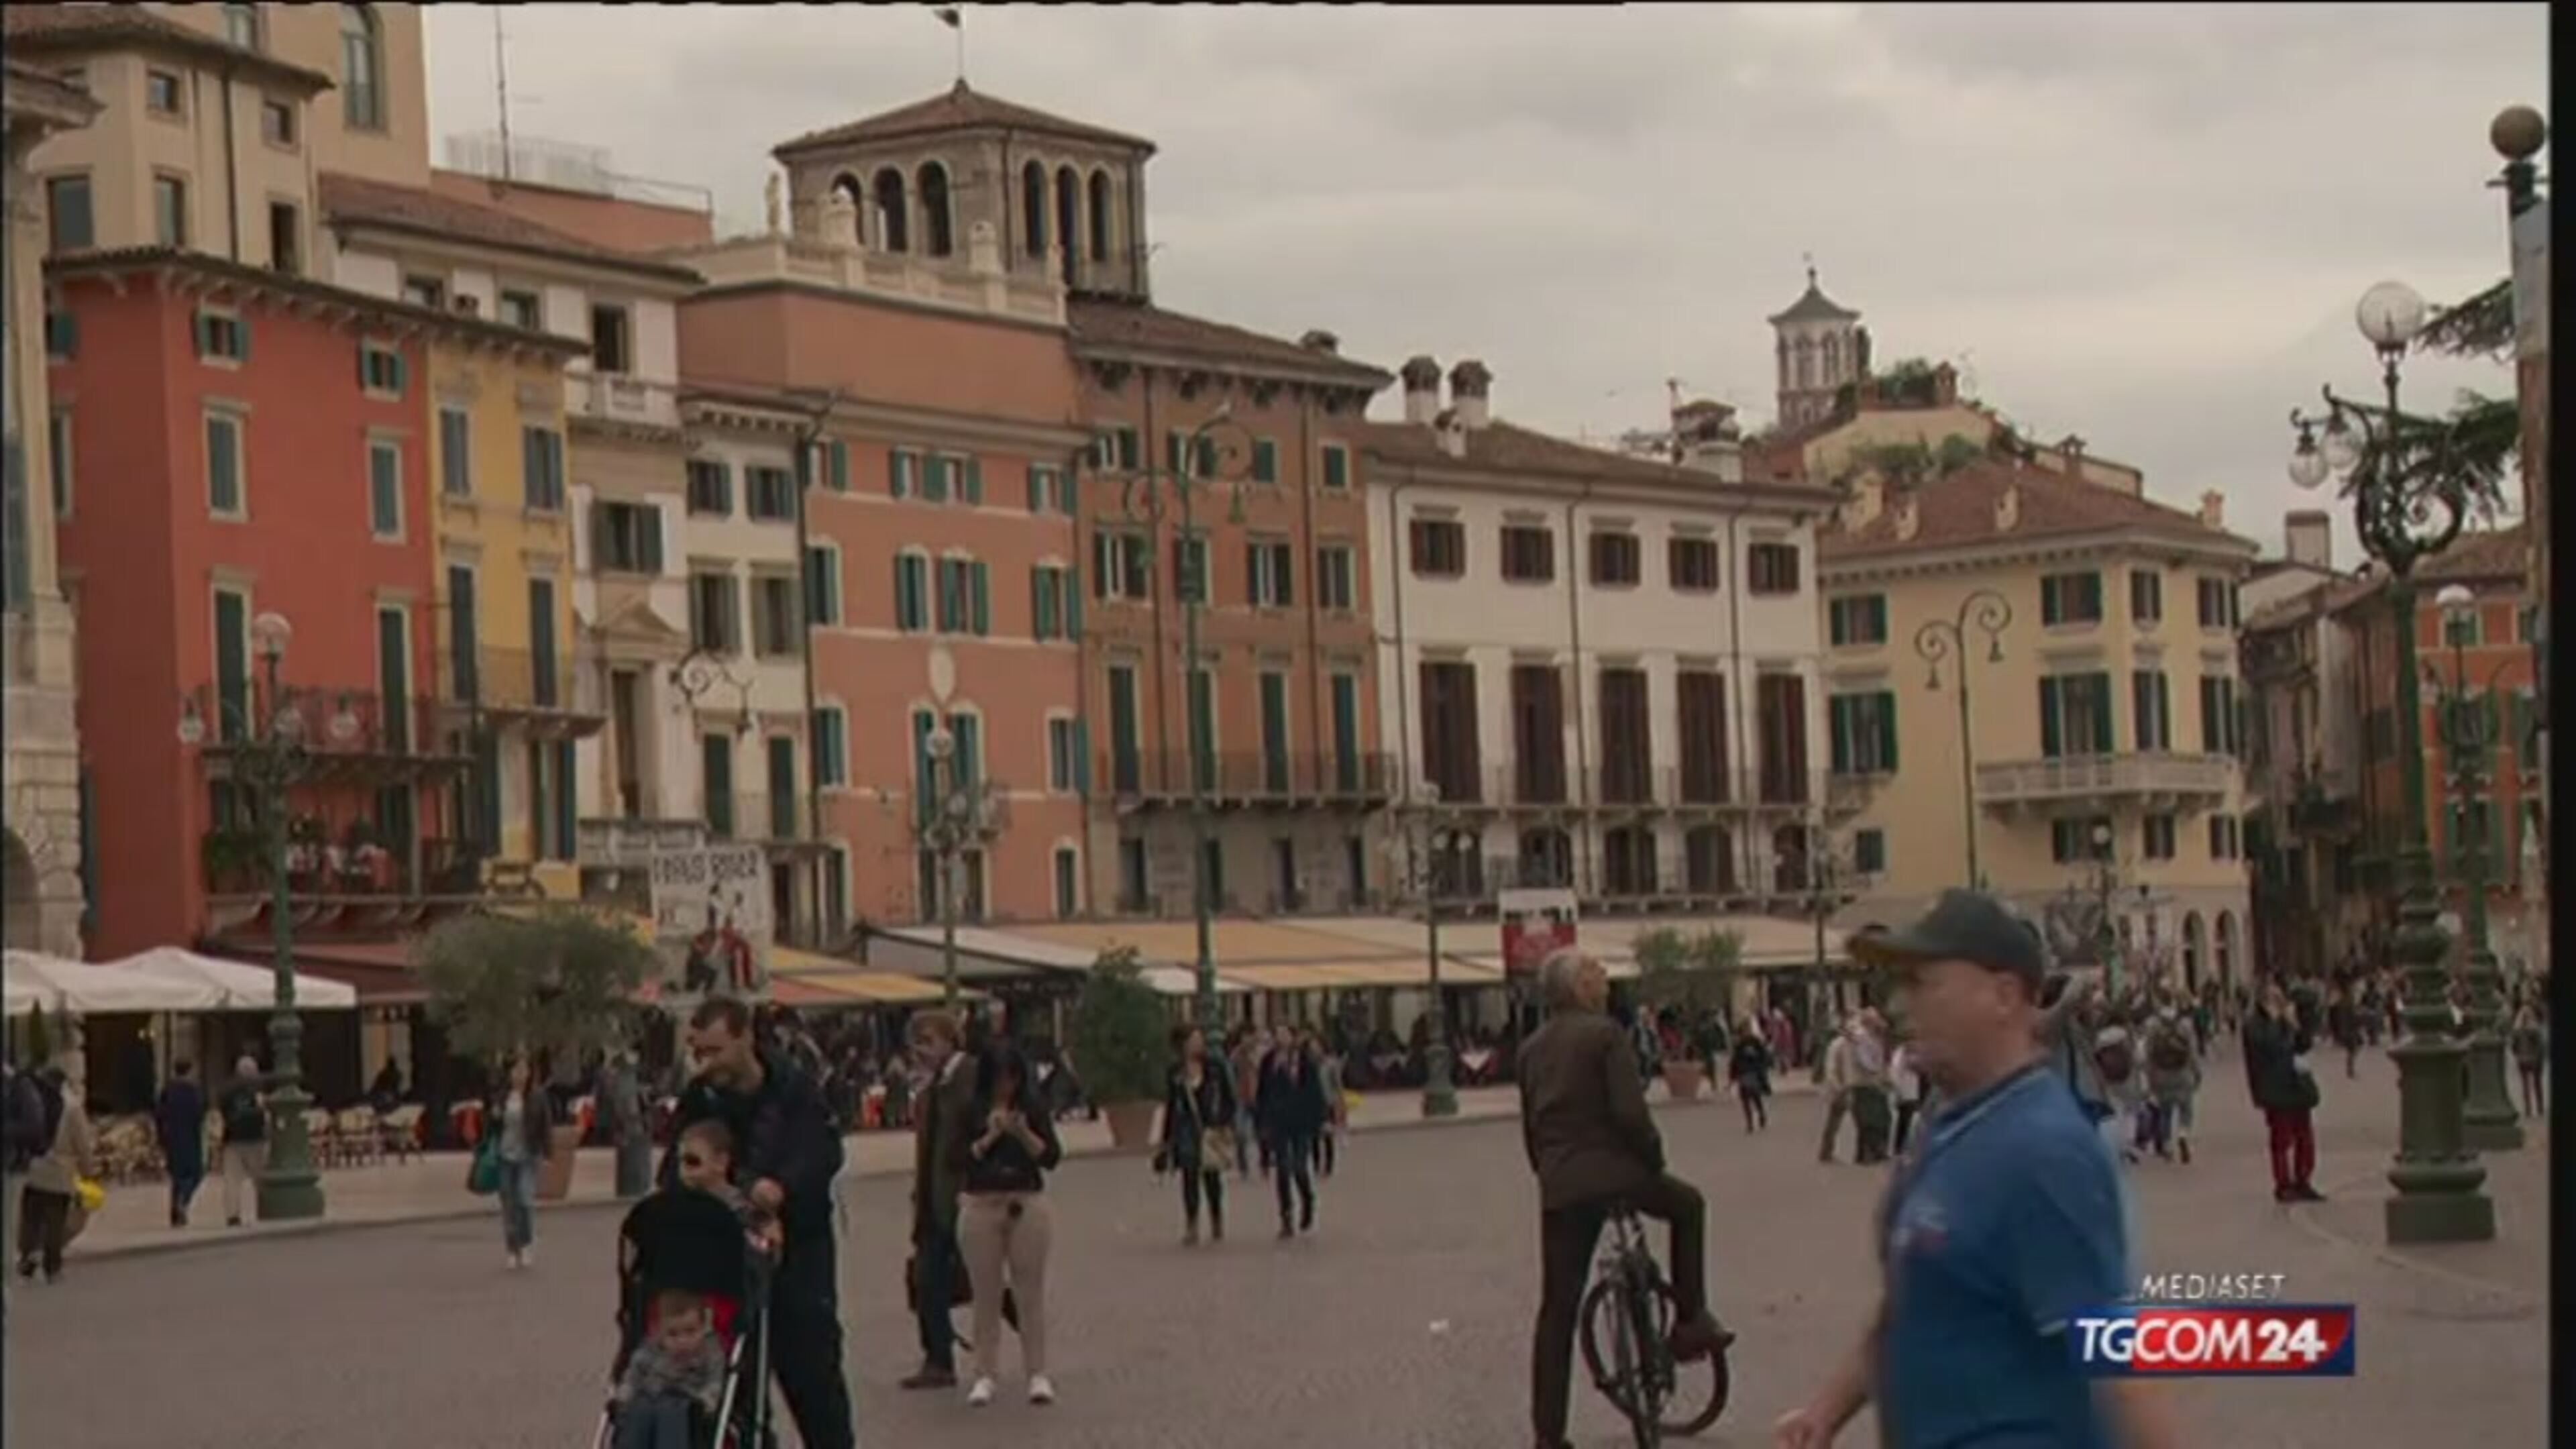 Capodanno, gli italiani scelgono le micro-vacanze